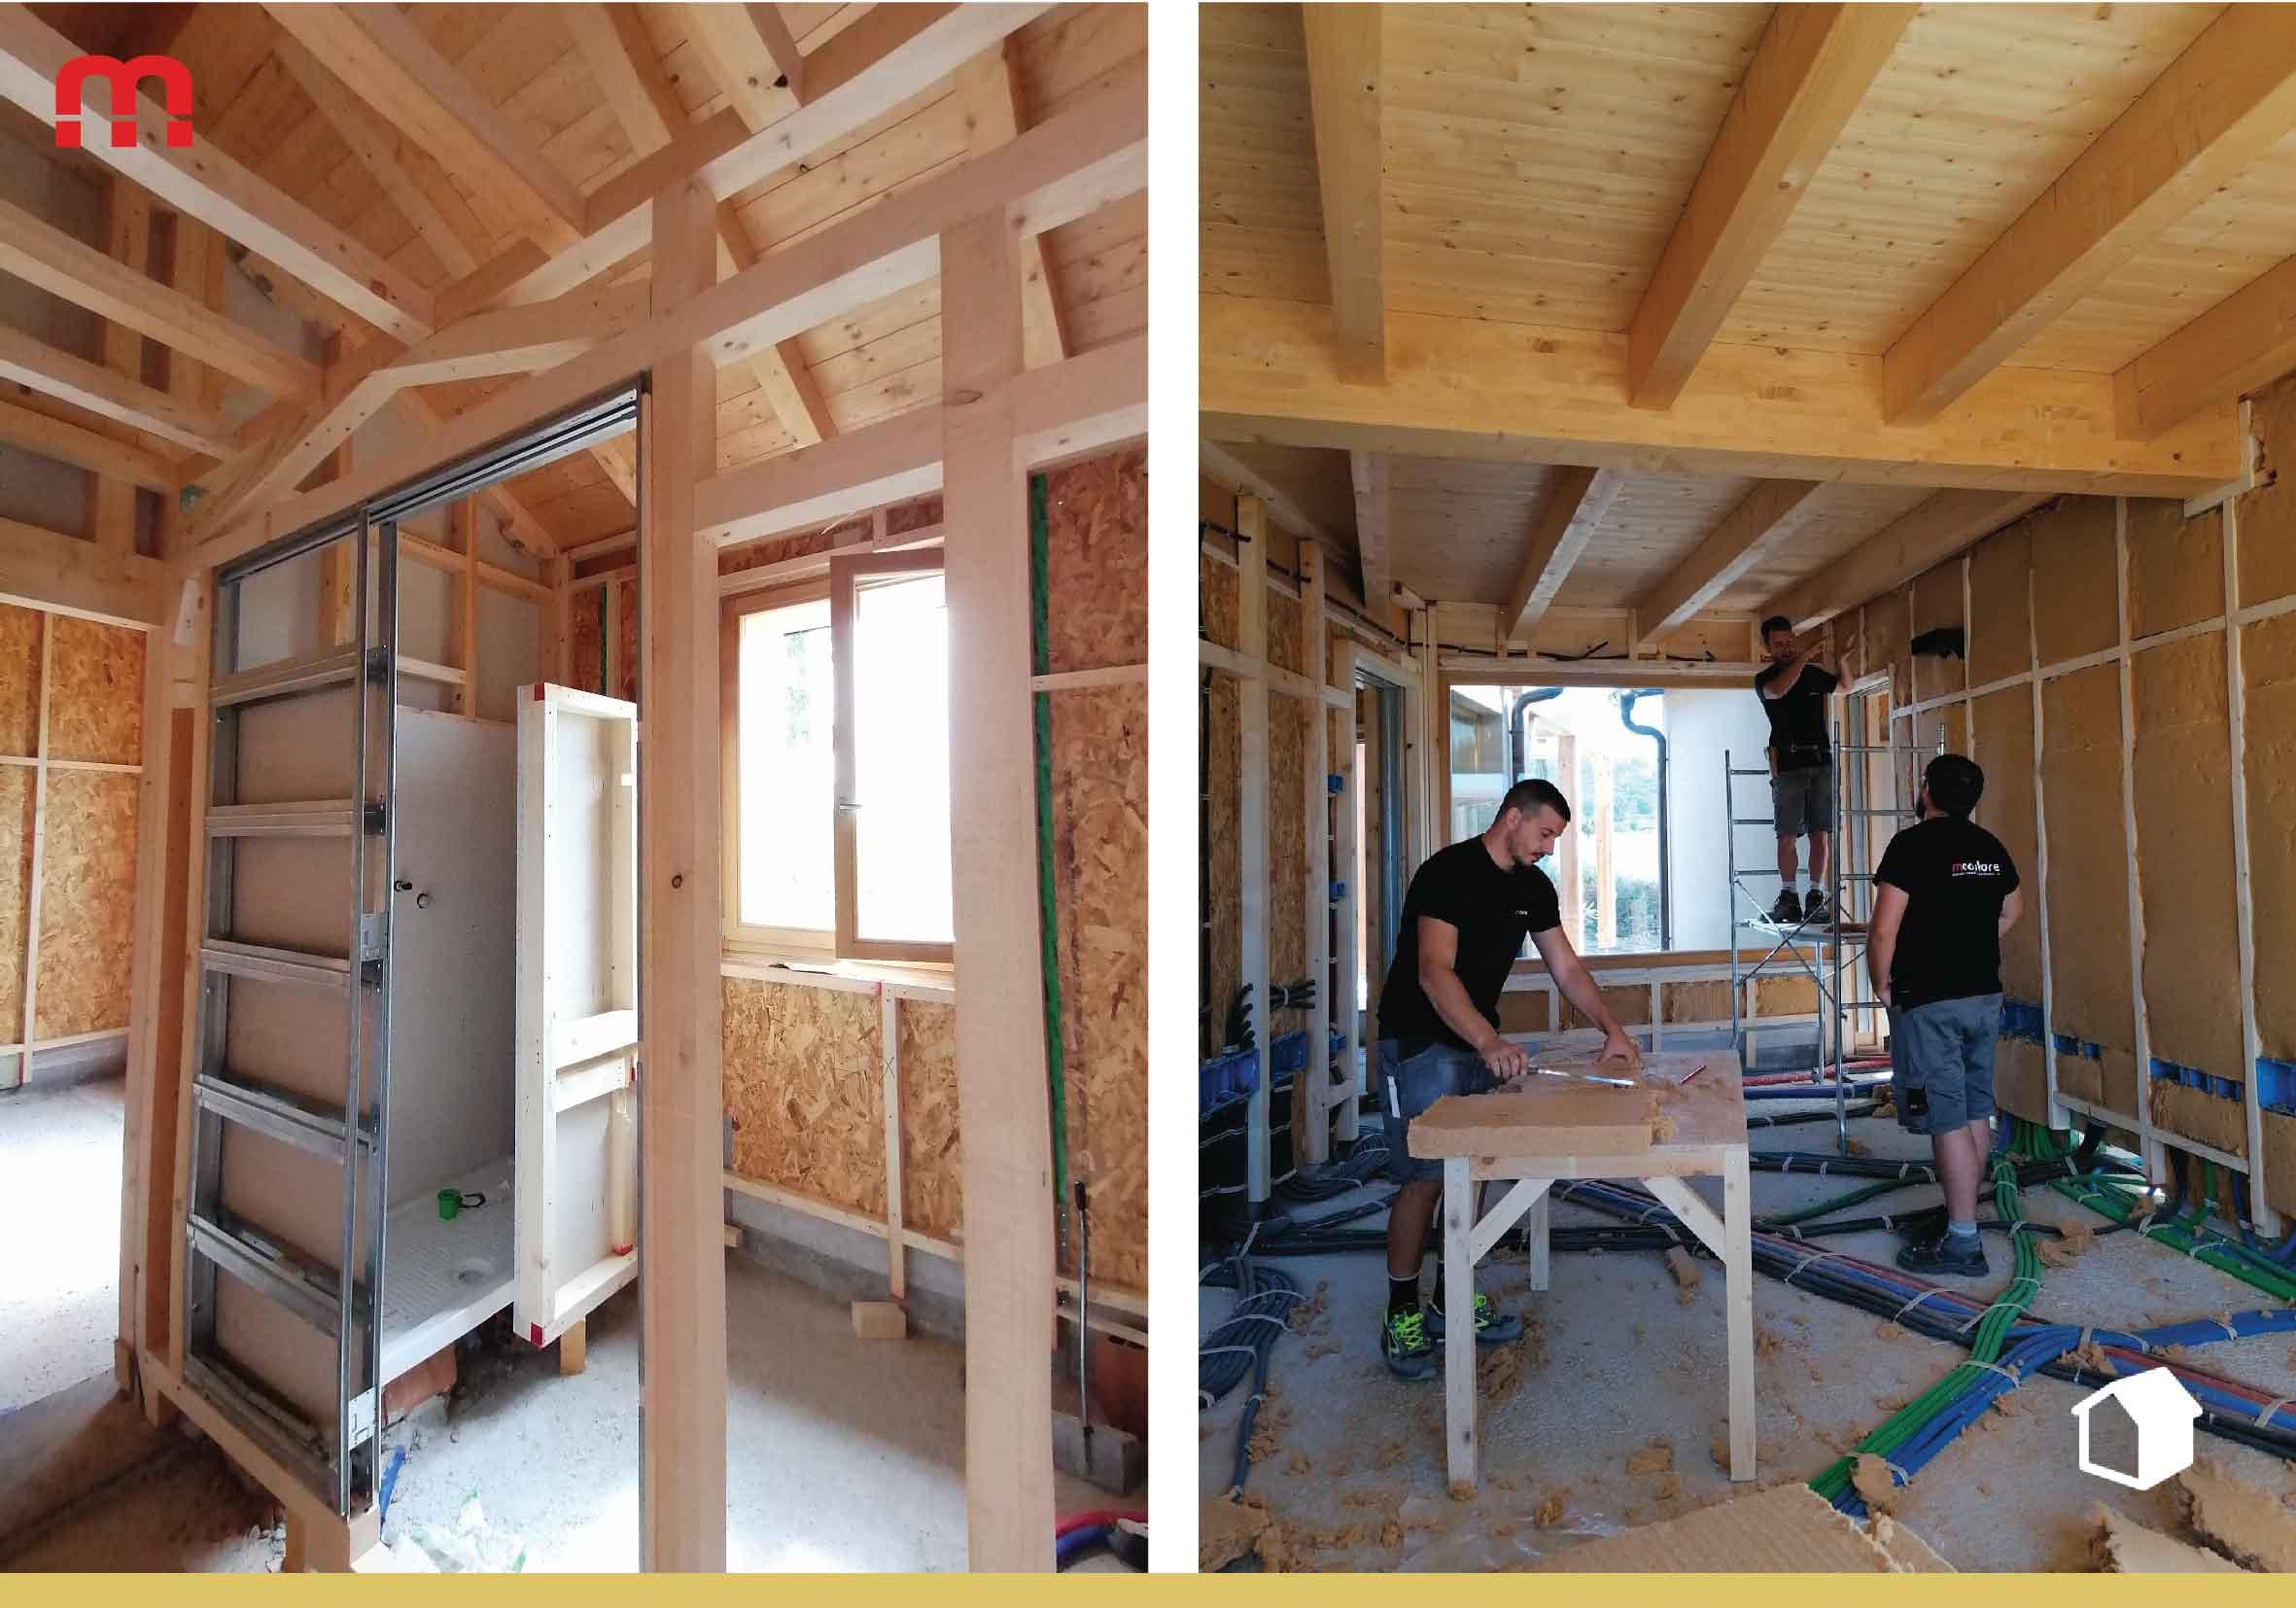 Works_casa nzeb-04